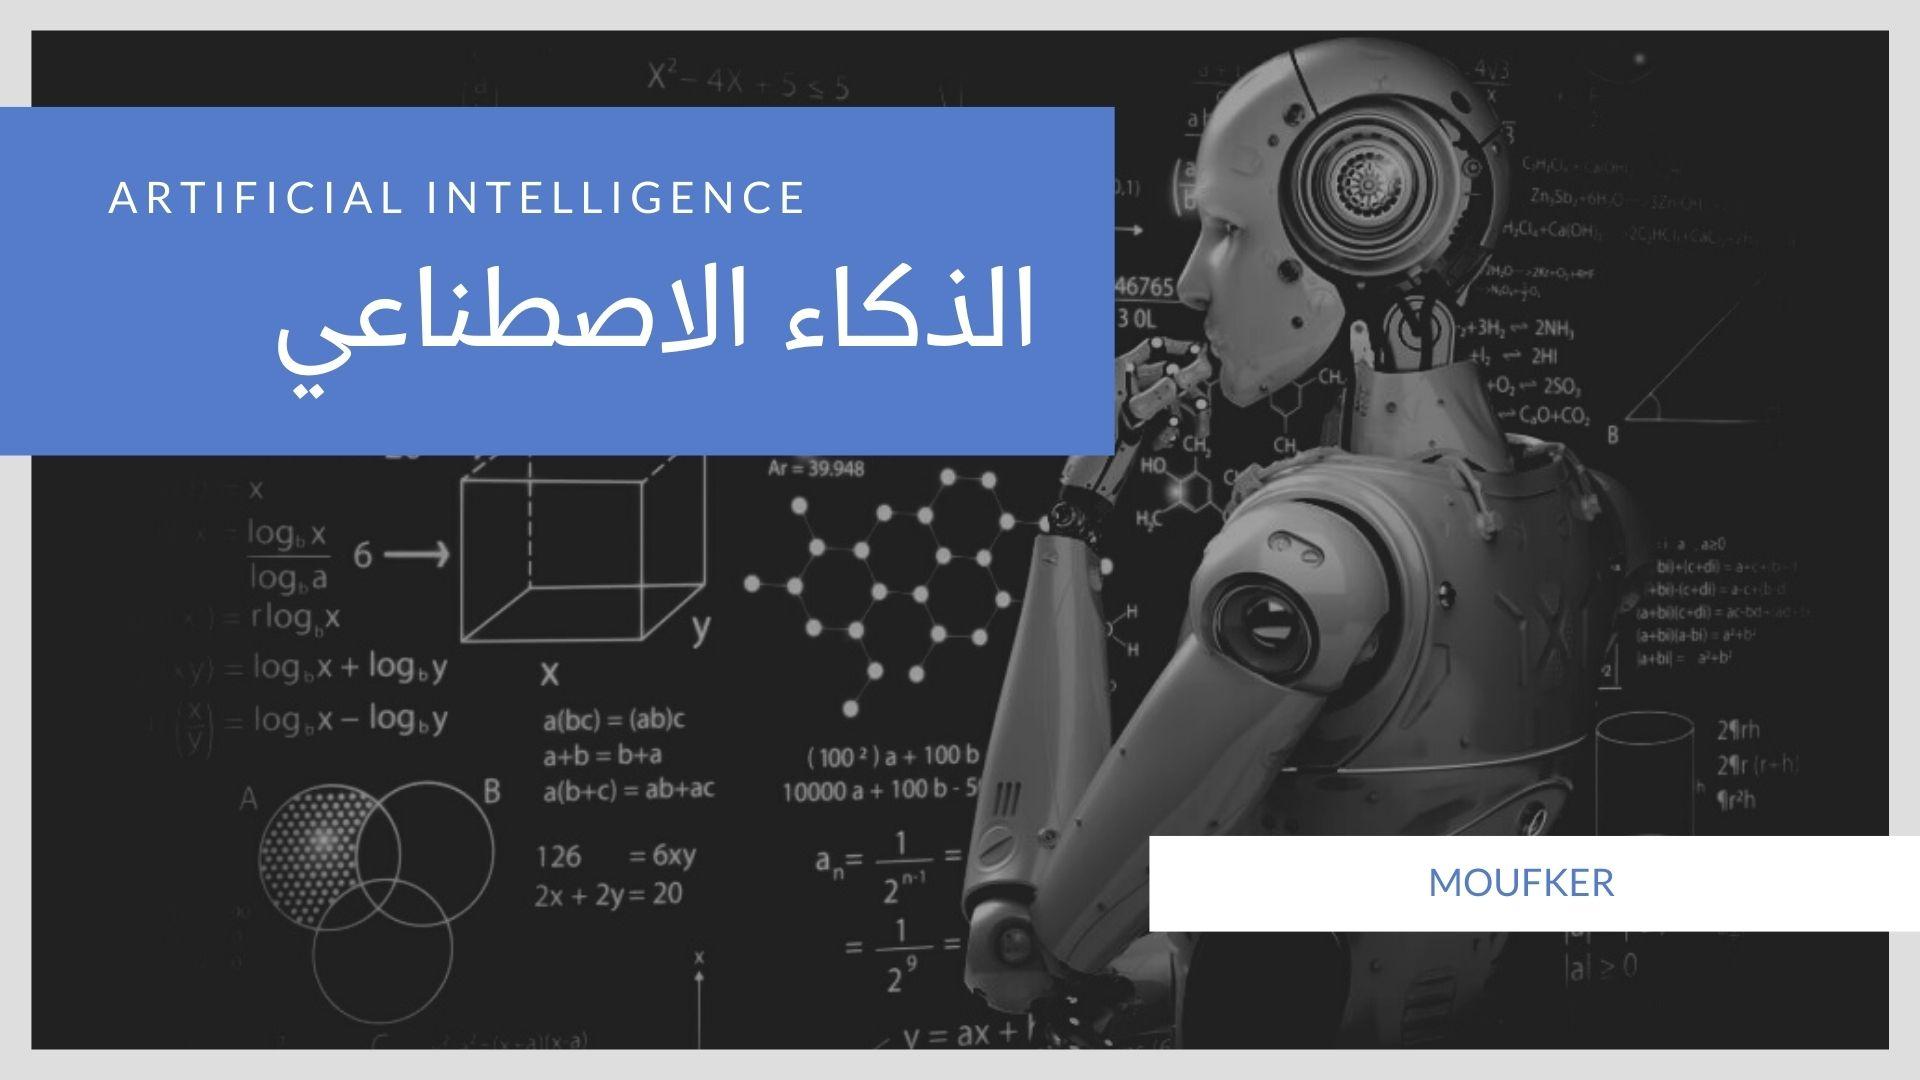 كثيراً ما تسمع عن الذكاء الاصطناعي, فماهو برأيك ؟